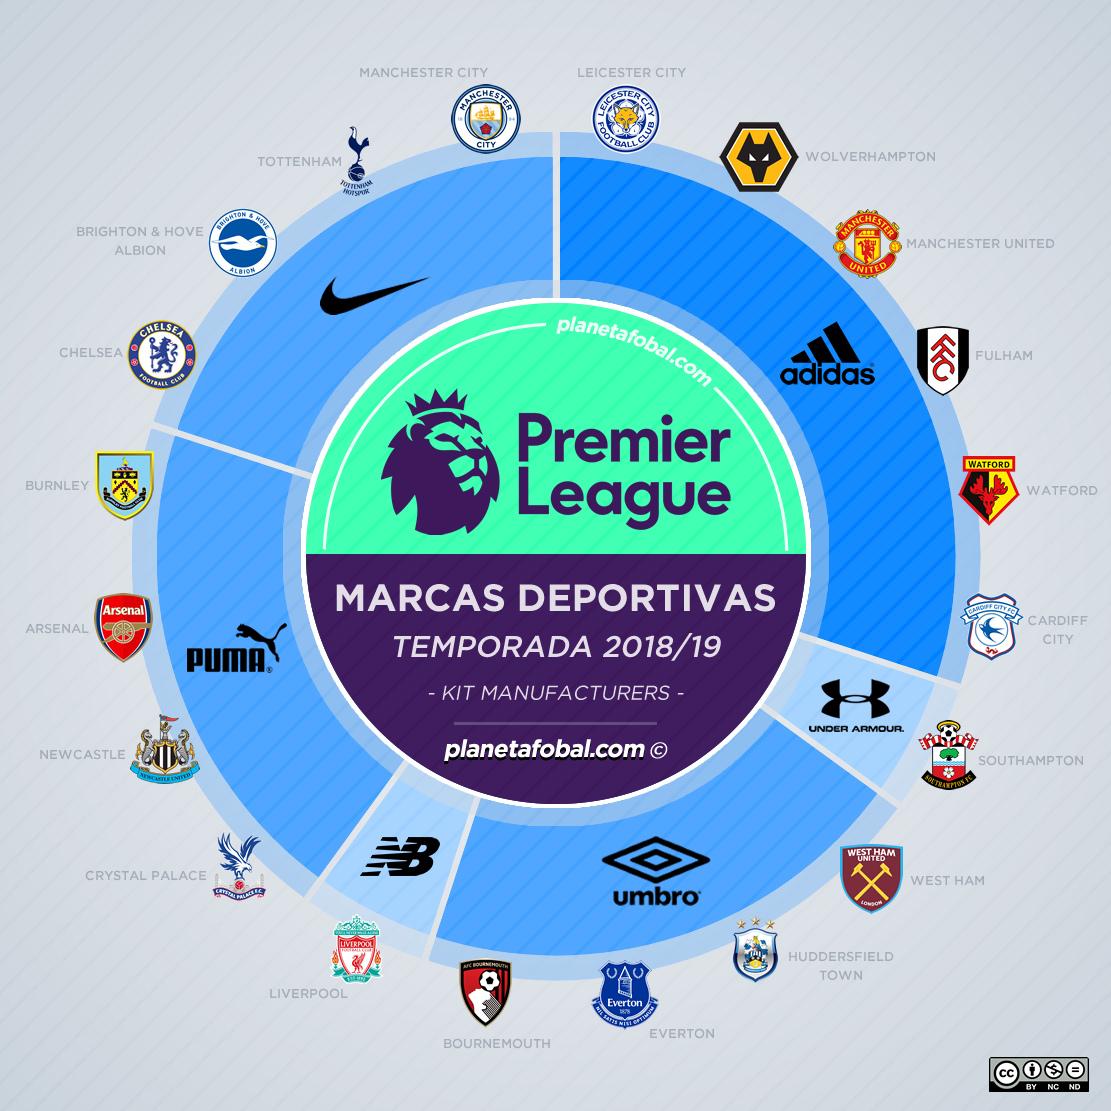 Las marcas deportivas de la Premier League de Inglaterra 2018/19 | planetafobal ©